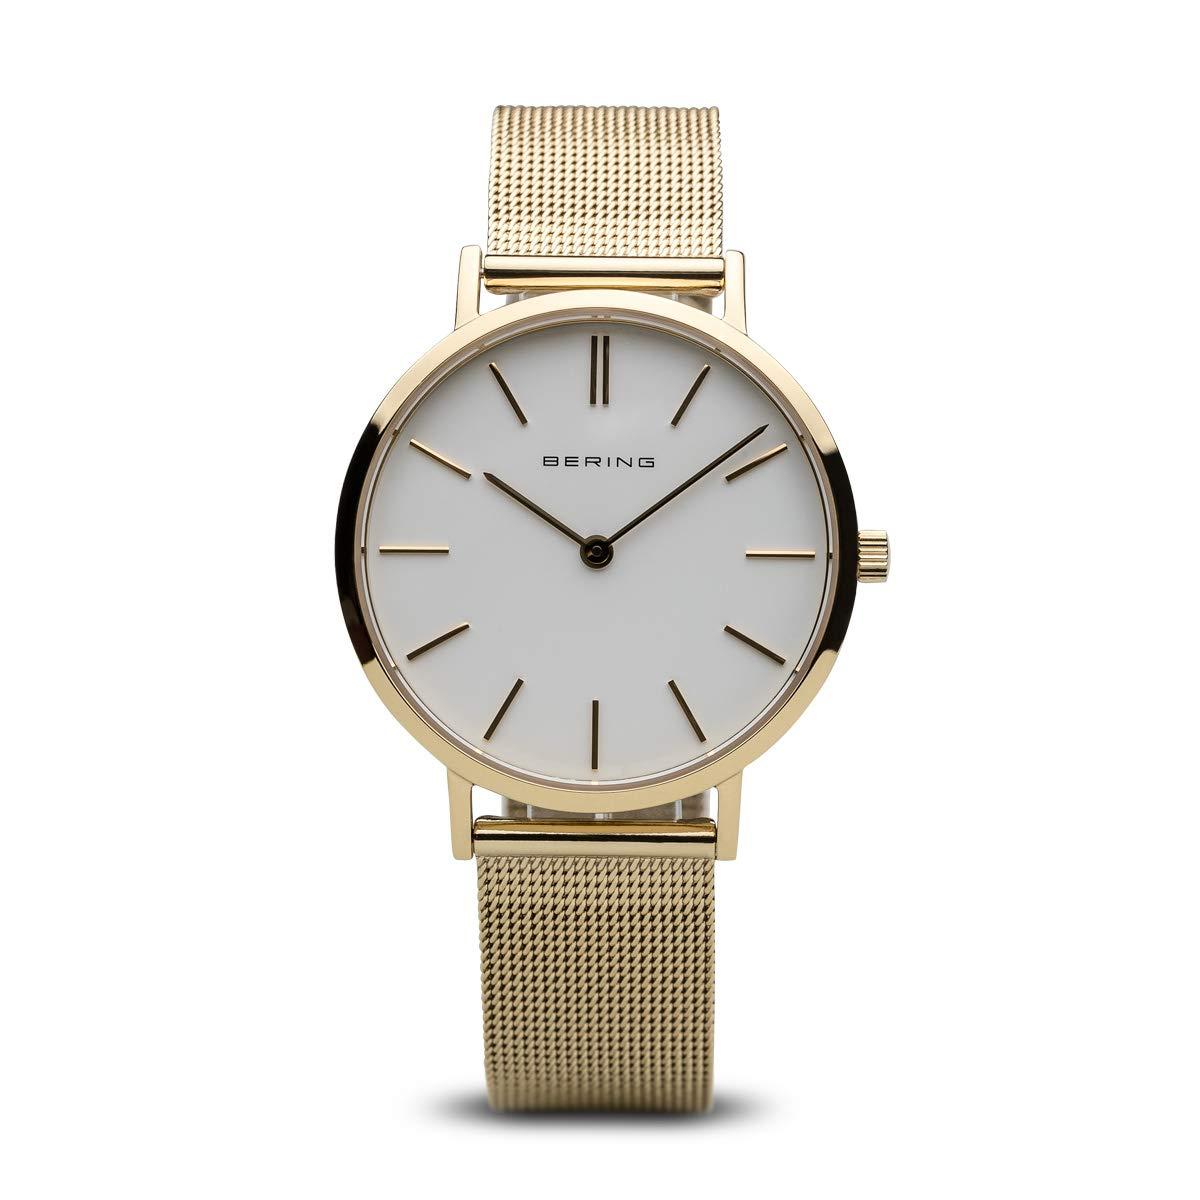 BERING Reloj Analógico para Mujer de Cuarzo con Correa en Acero Inoxidable 14134-331: Amazon.es: Relojes